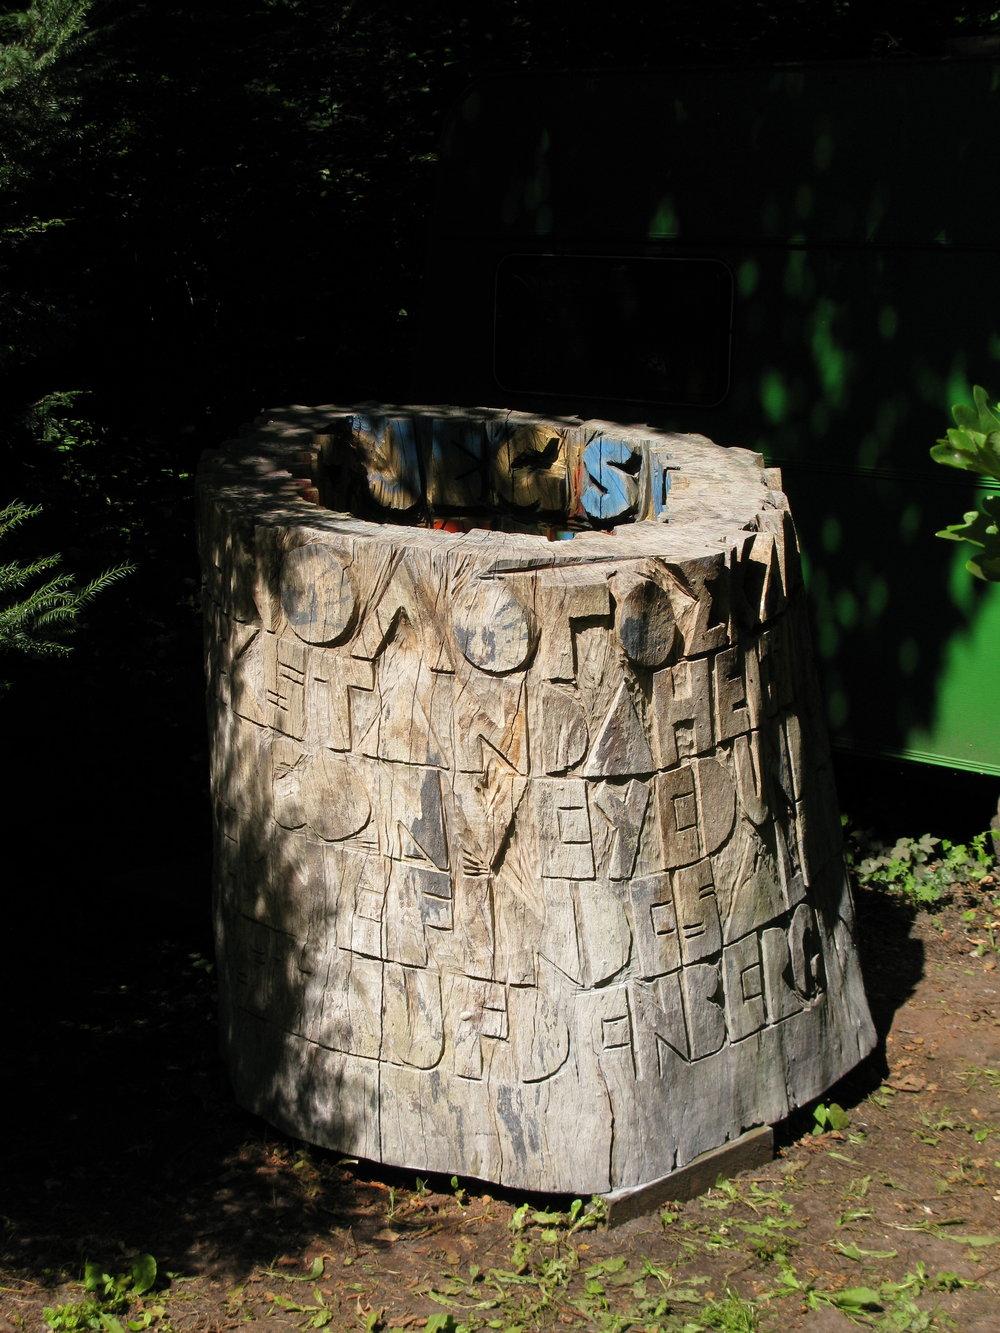 Efter at være udstillet I Århus bymidte, langs Aarhus Å i 2009 står skulpturen her opmagasineret ved mit atelier i Marselisborg skov indtil udstillingen i Grimstad.